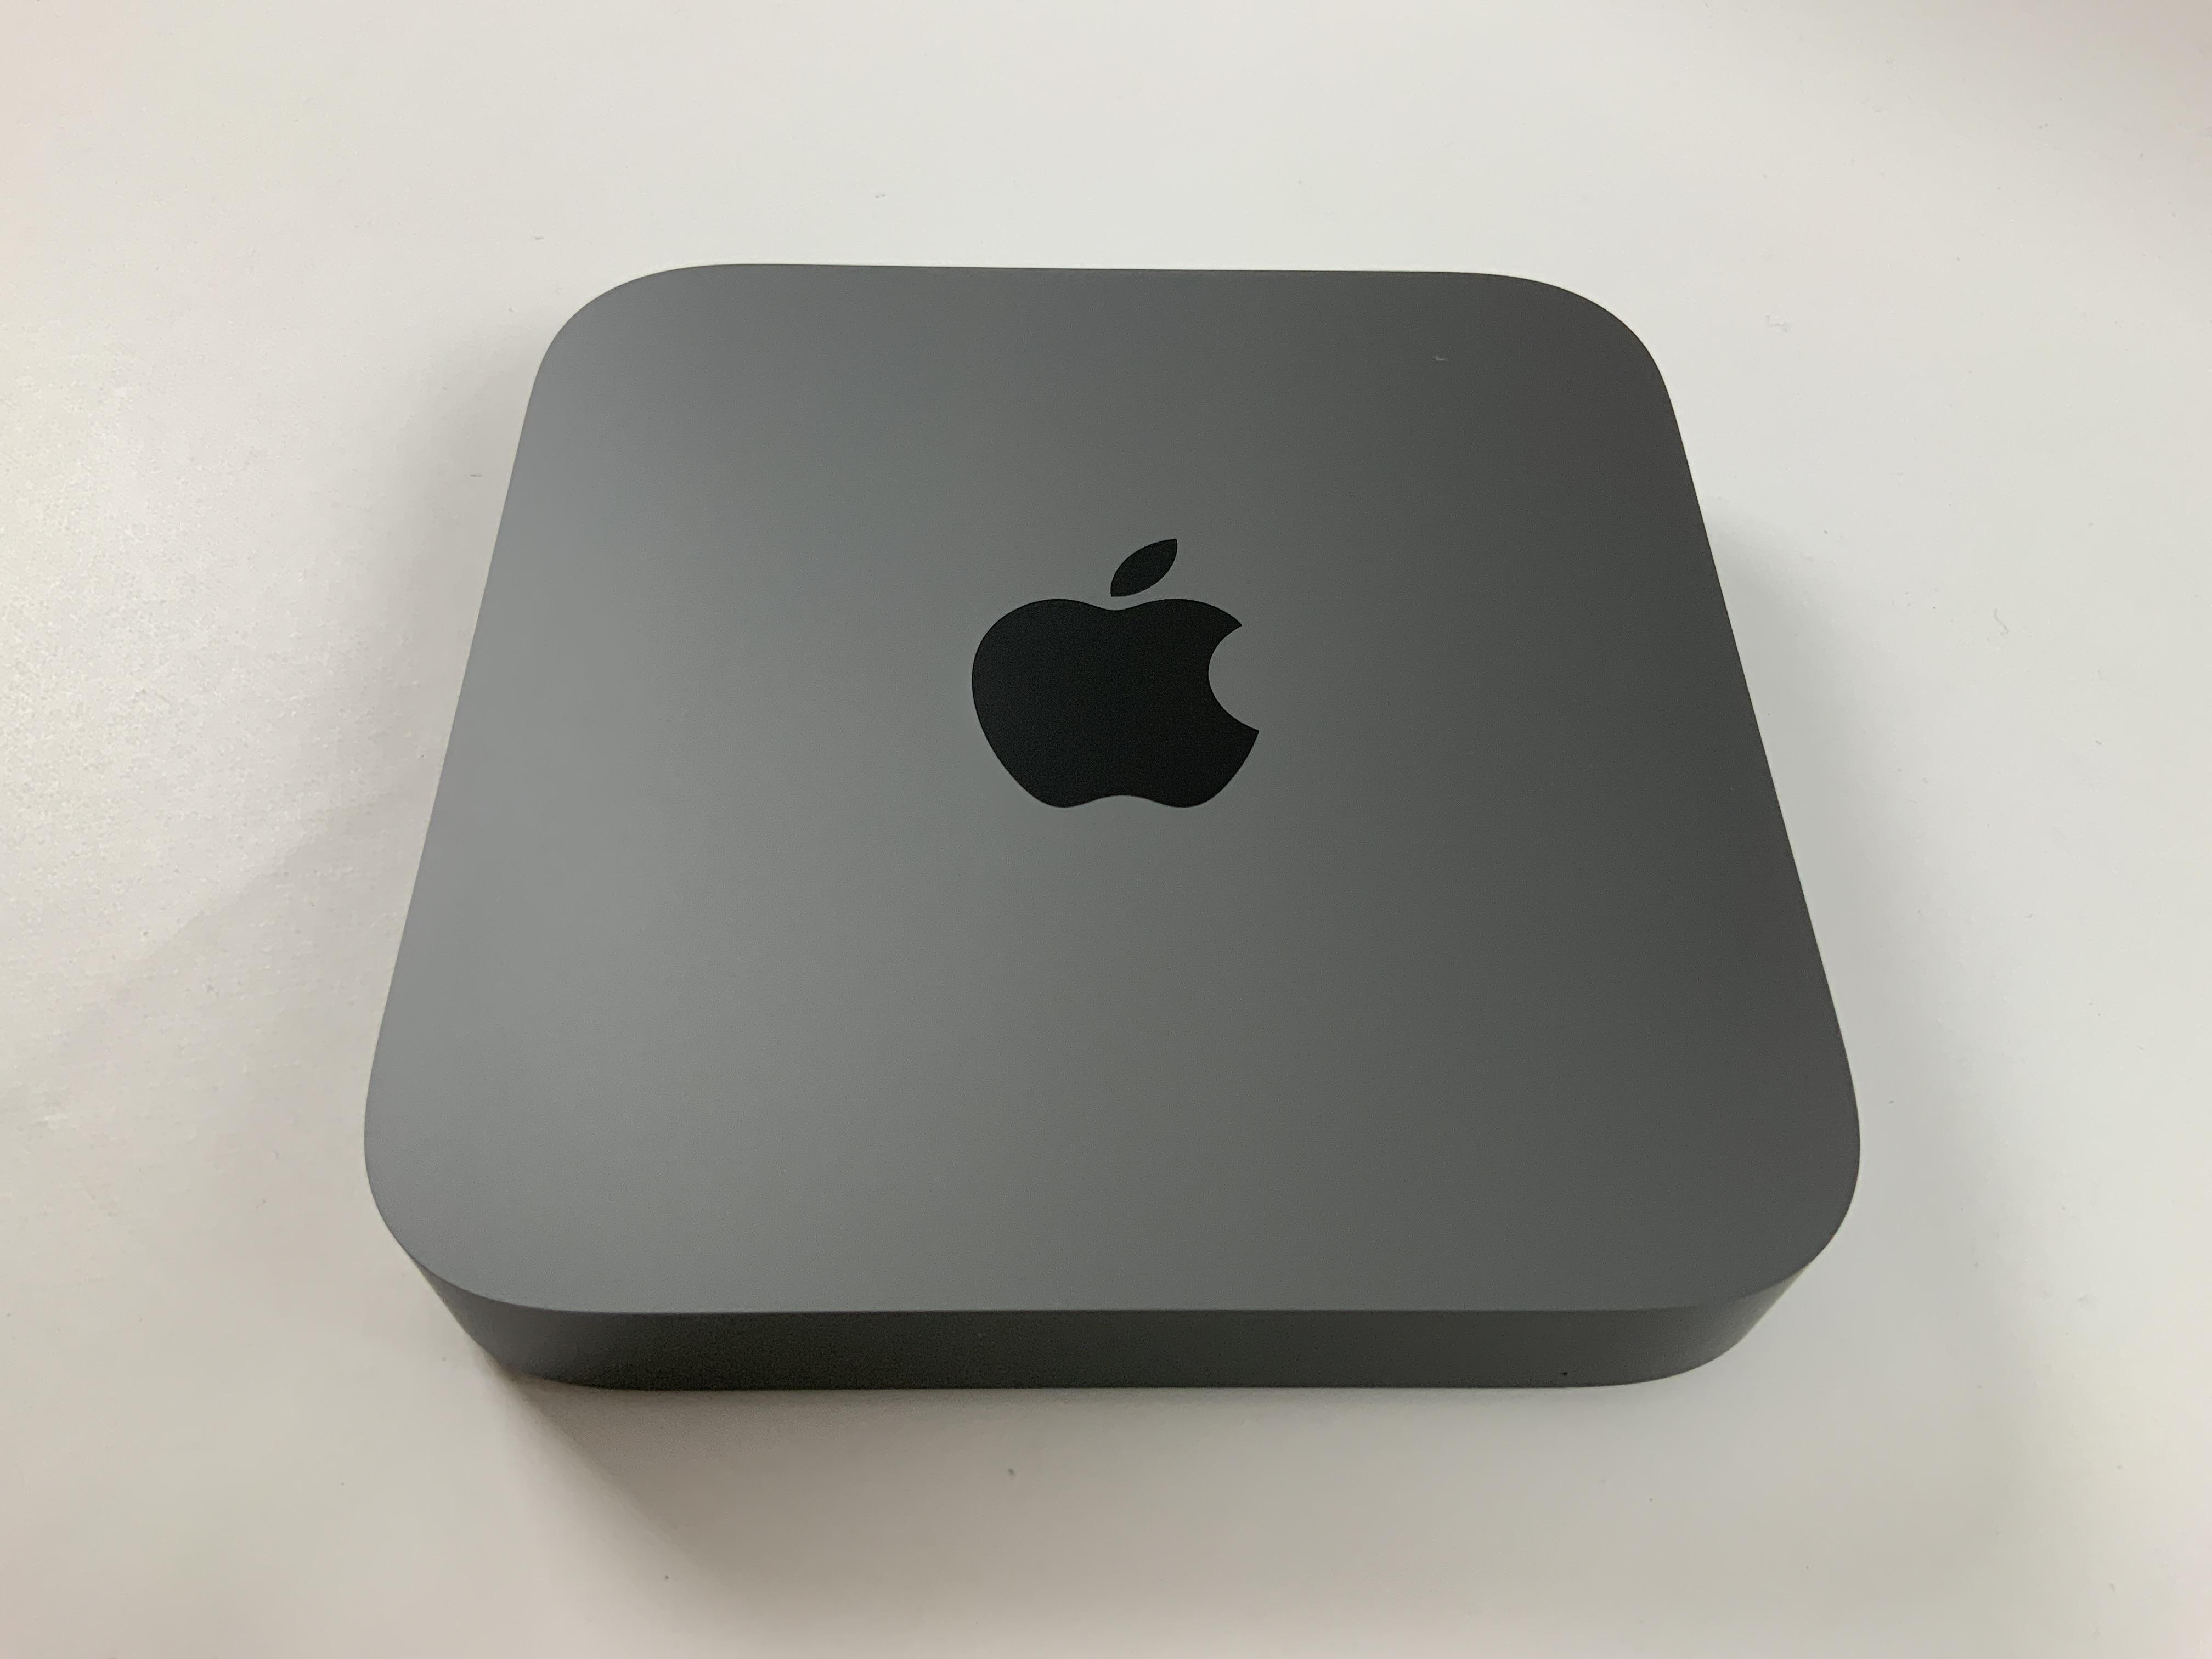 Mac Mini Early 2020 (Intel 6-Core i5 3.0 GHz 8 GB RAM 512 GB SSD), Intel 6-Core i5 3.0 GHz, 8 GB RAM, 512 GB SSD, Afbeelding 1